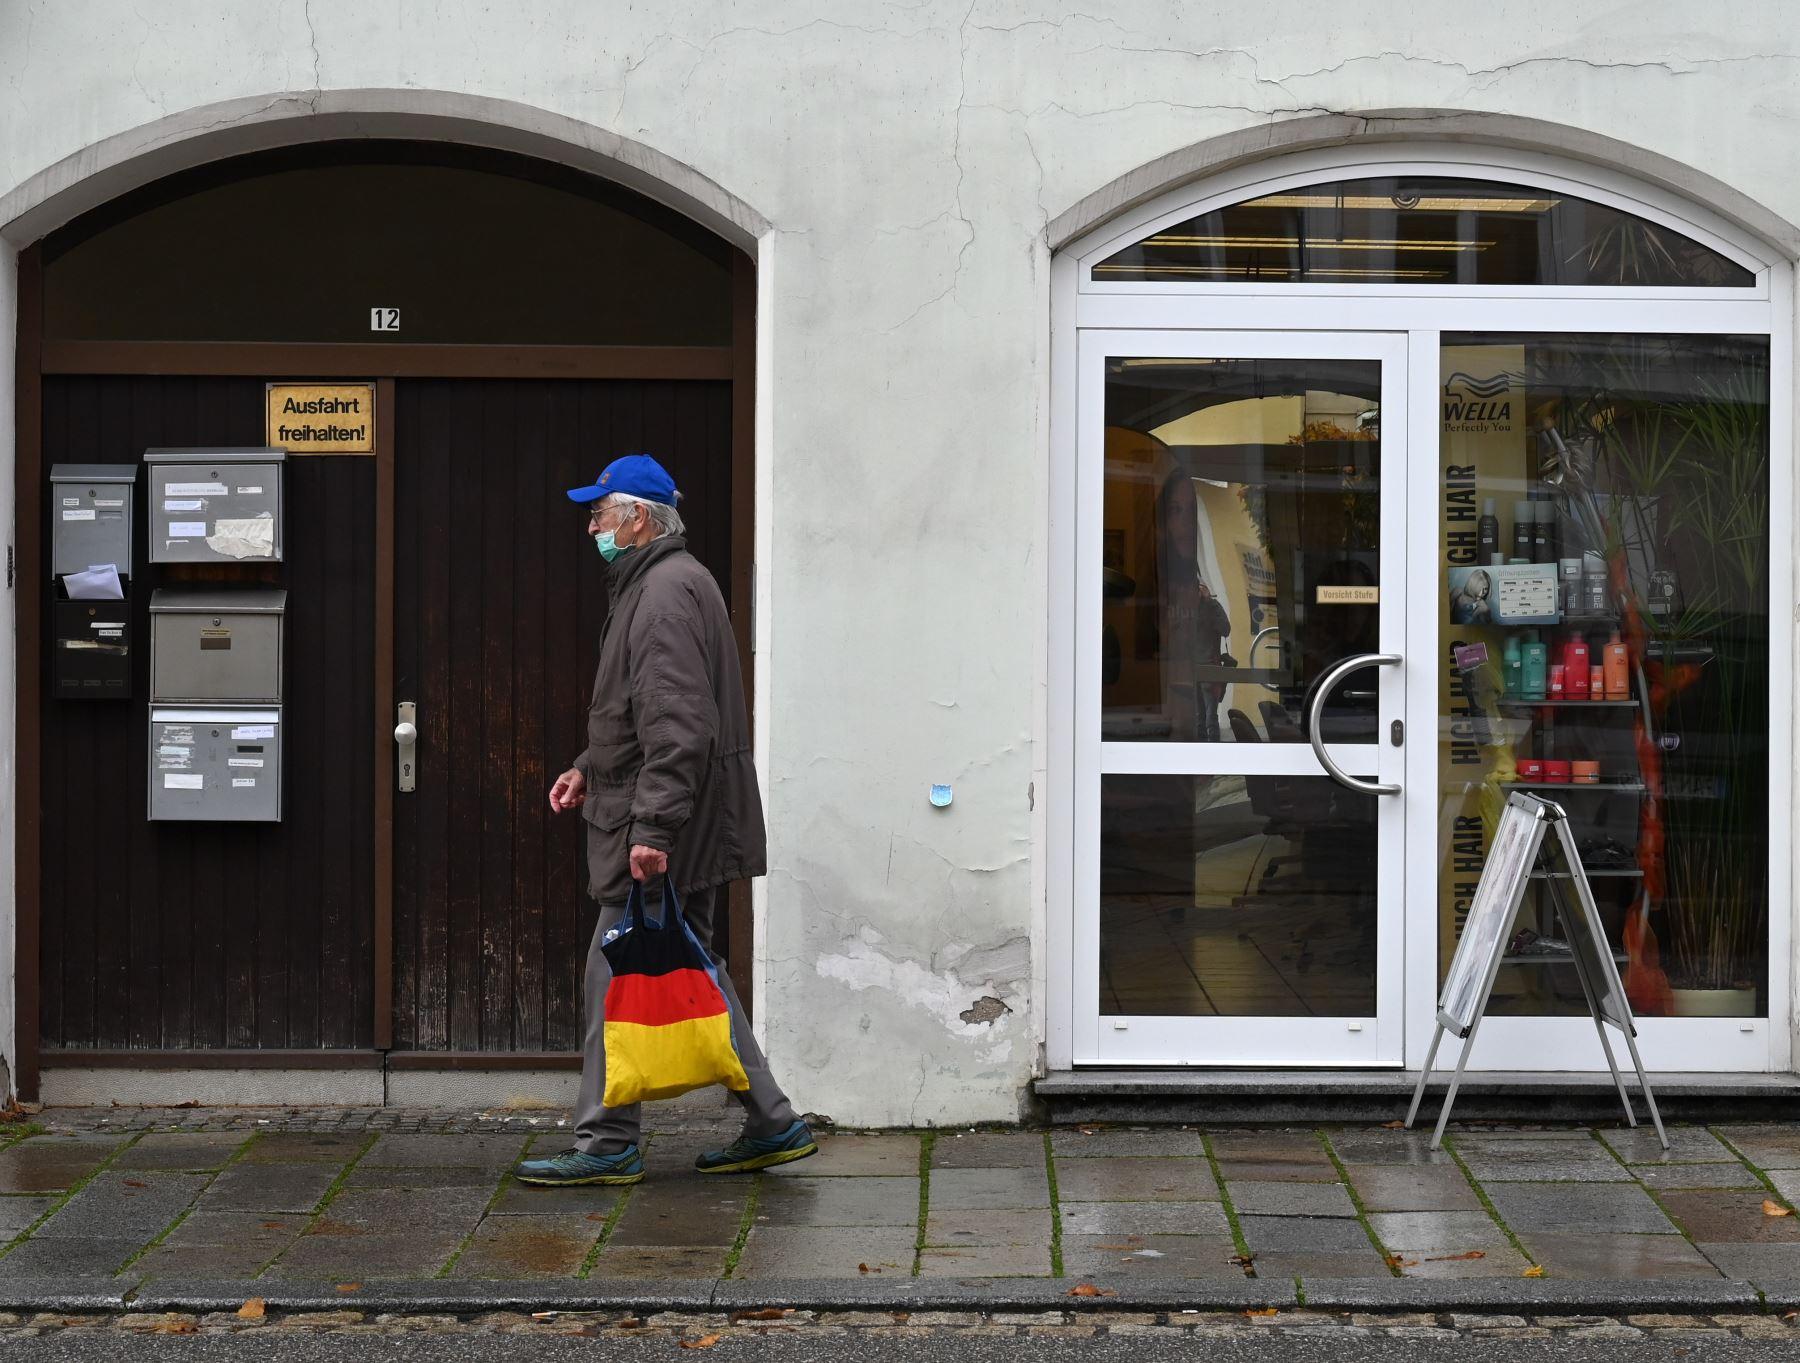 Coronavirus: Alemania cierra gastronomía, cultura y ocio para frenar segunda ola | Noticias